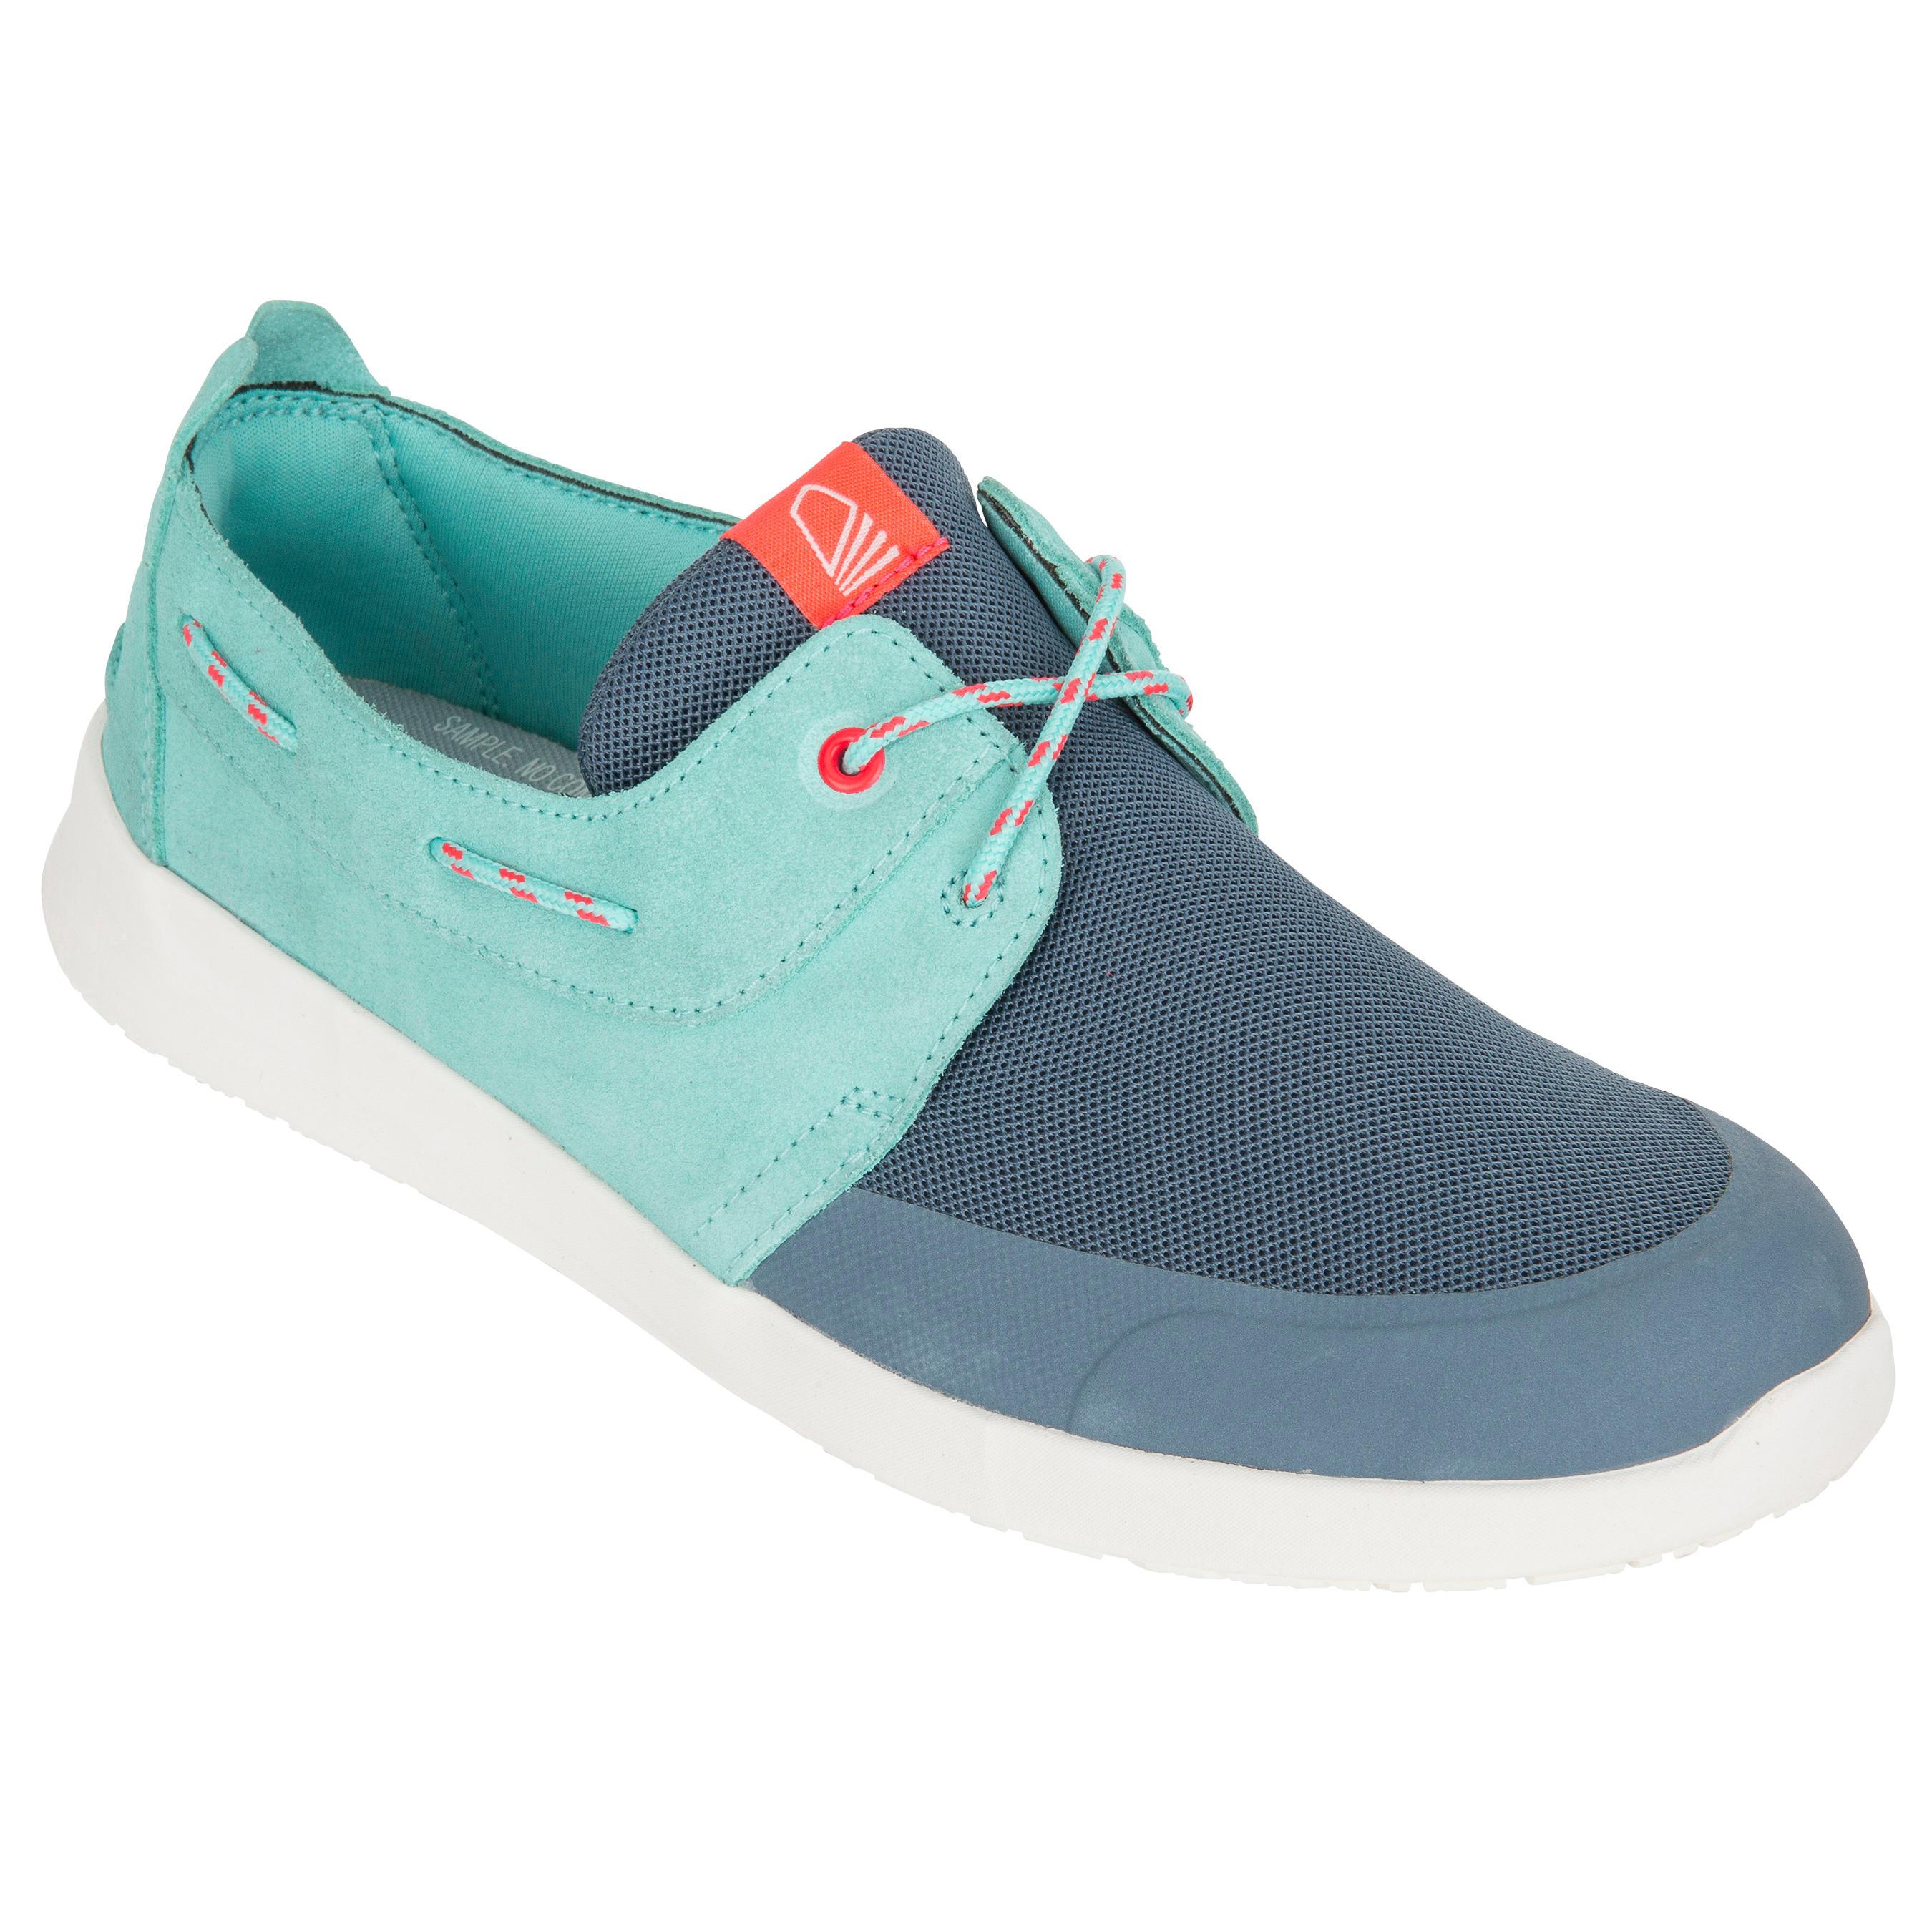 Chaussures bateau femme Cruise 100 vert turquoise/bleu foncé